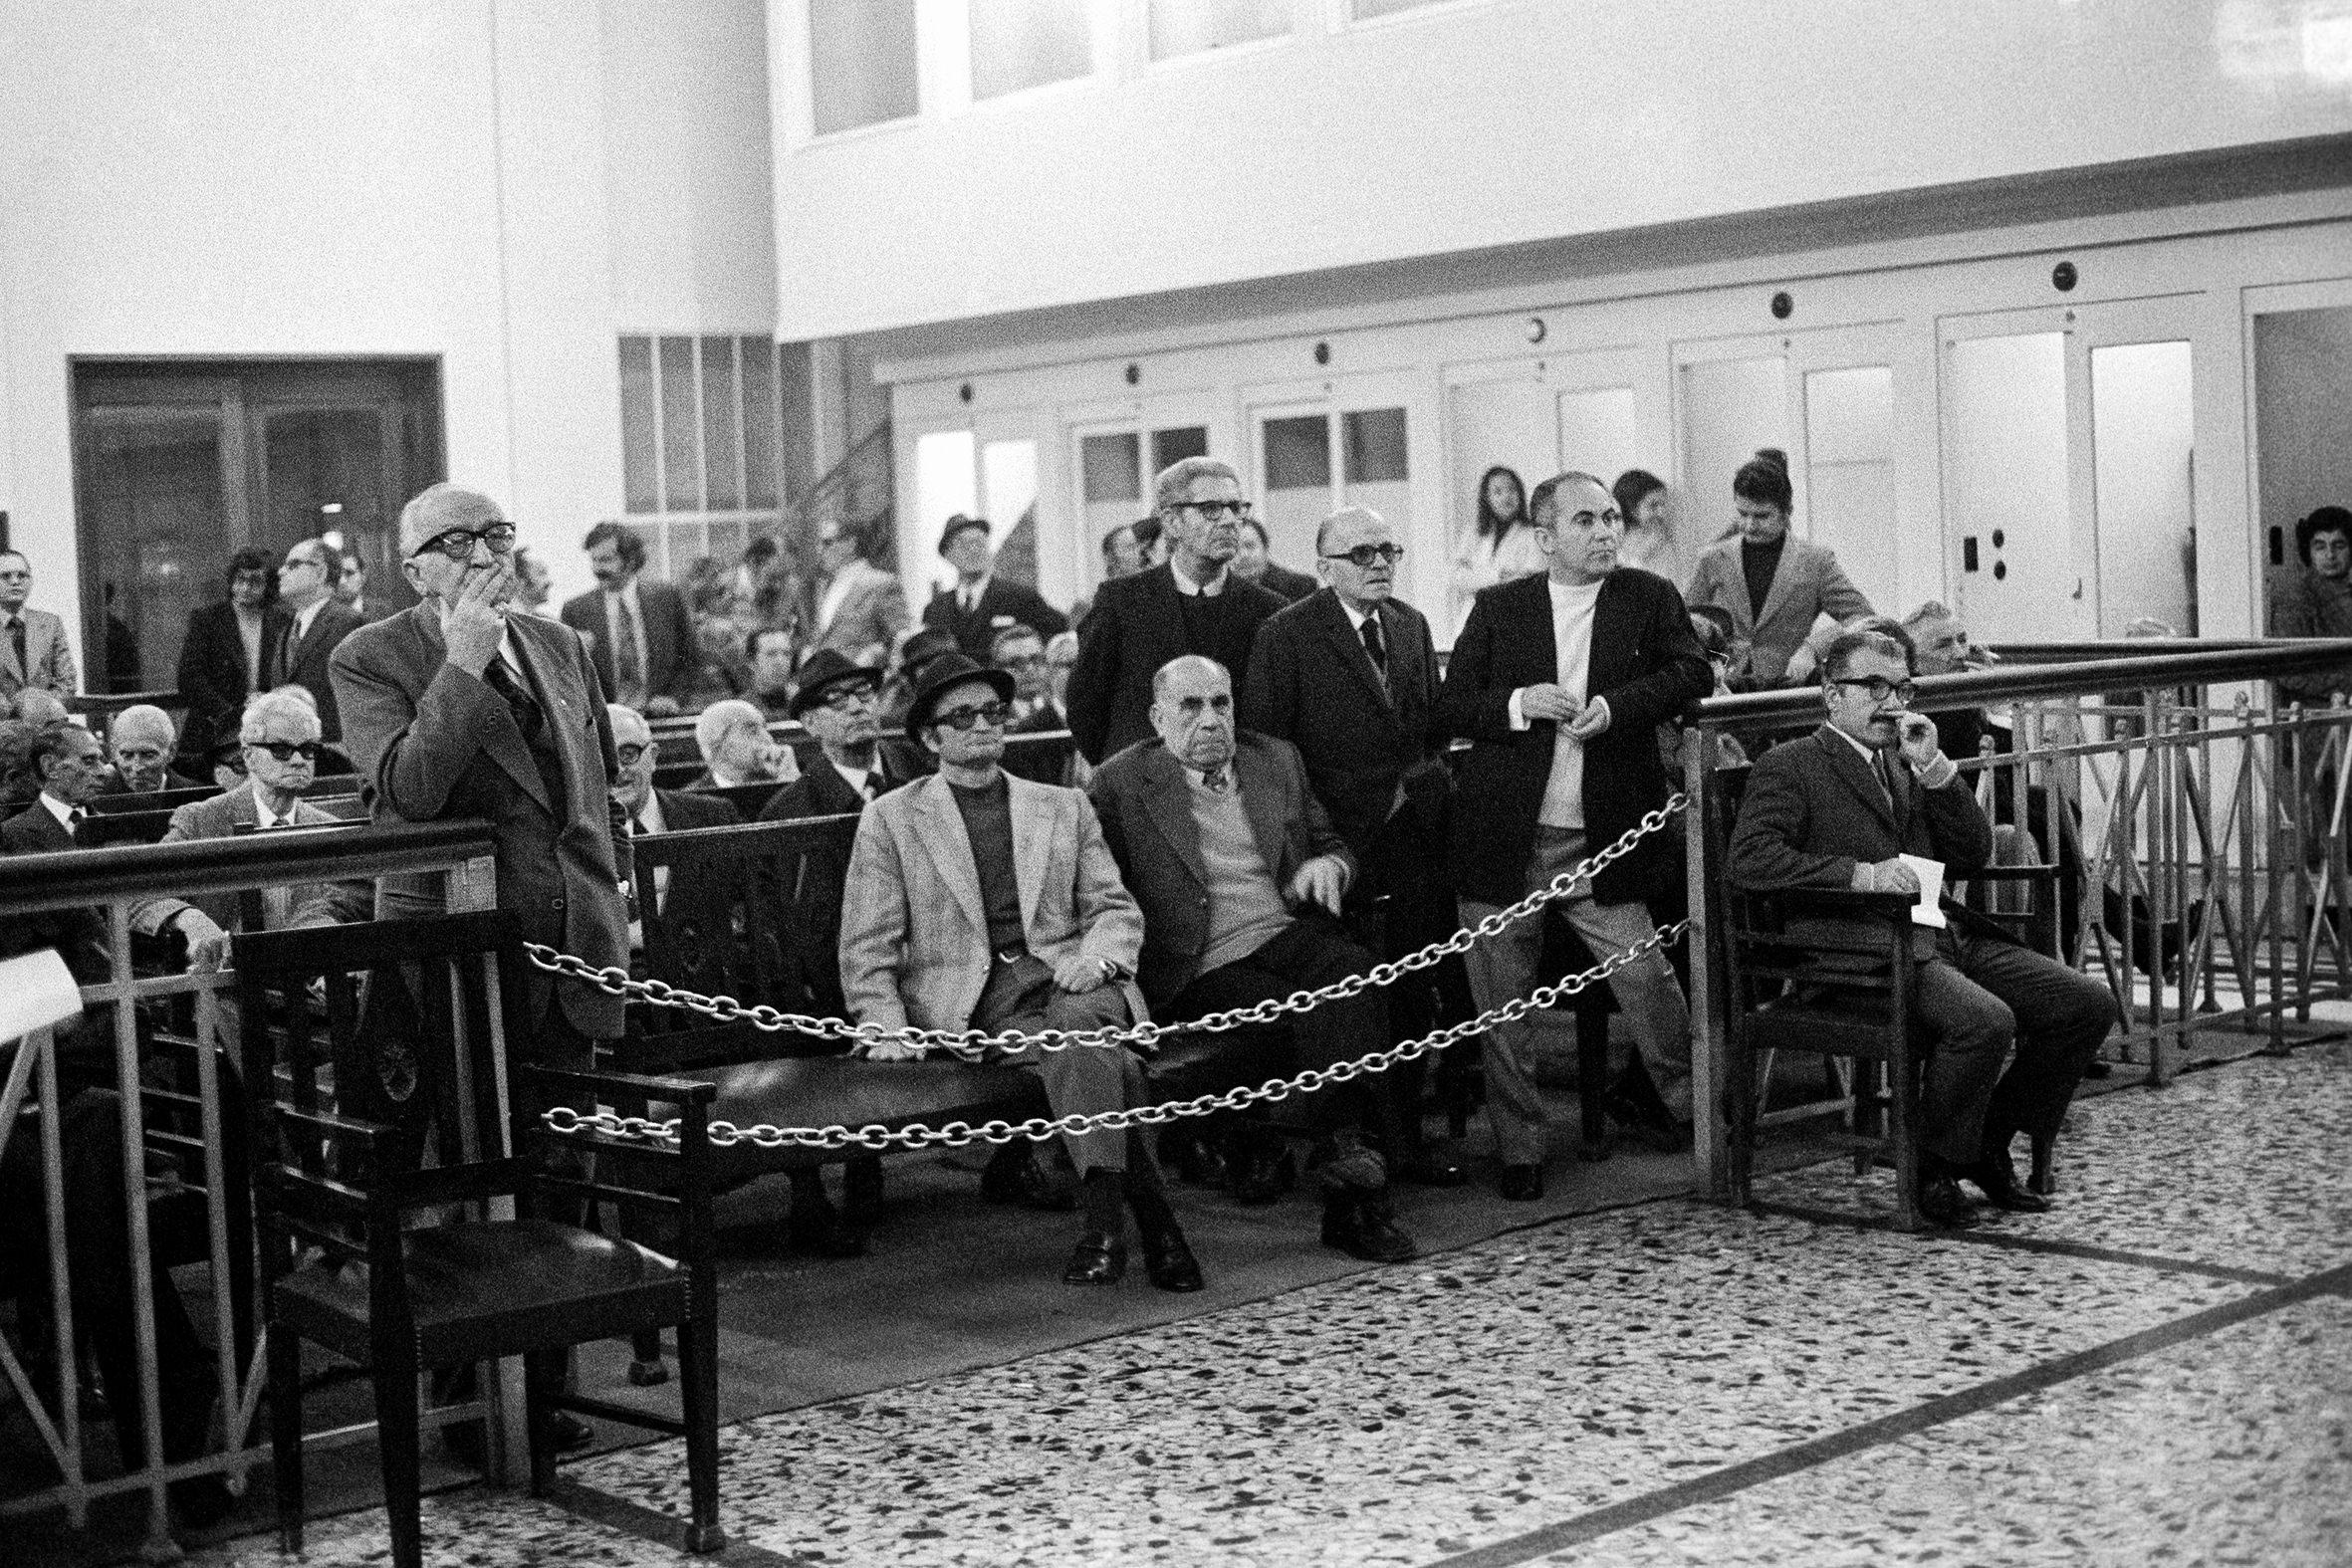 BORSE VALORI - 1 – 2 – 3 – La Borsa Valori di Atene, 1974